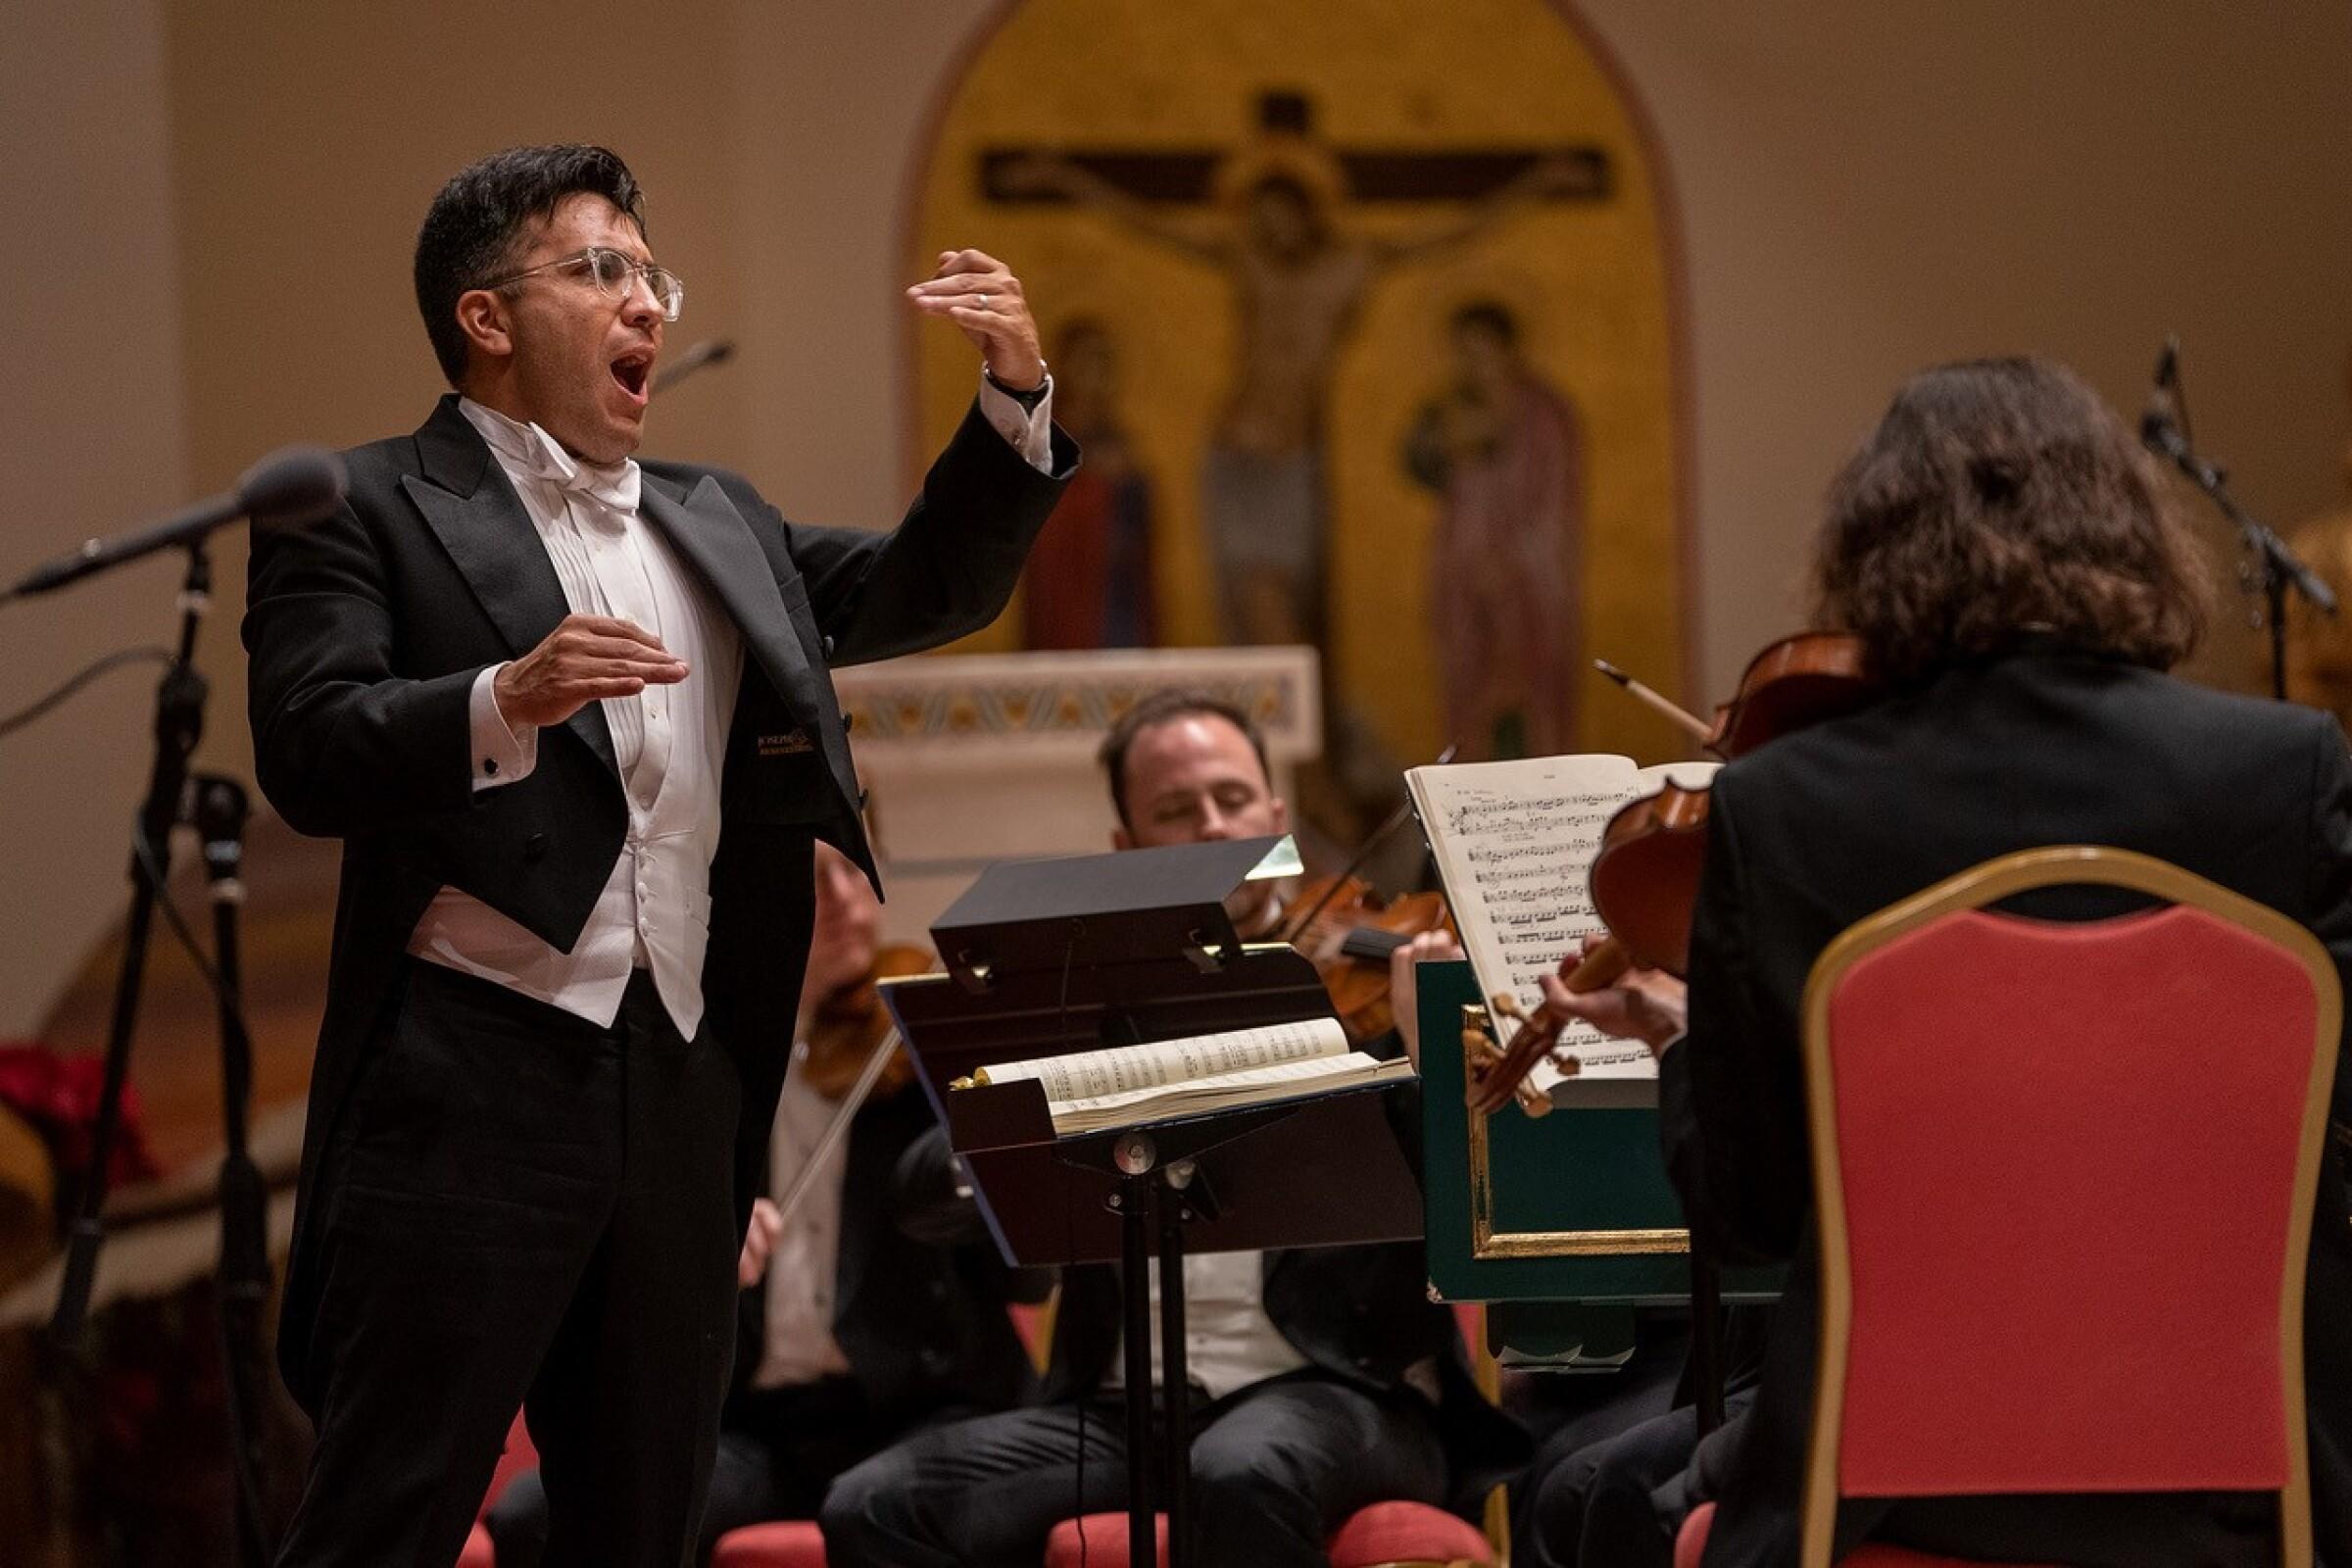 Bach Collegium San Diego's Ruben Valenzuela